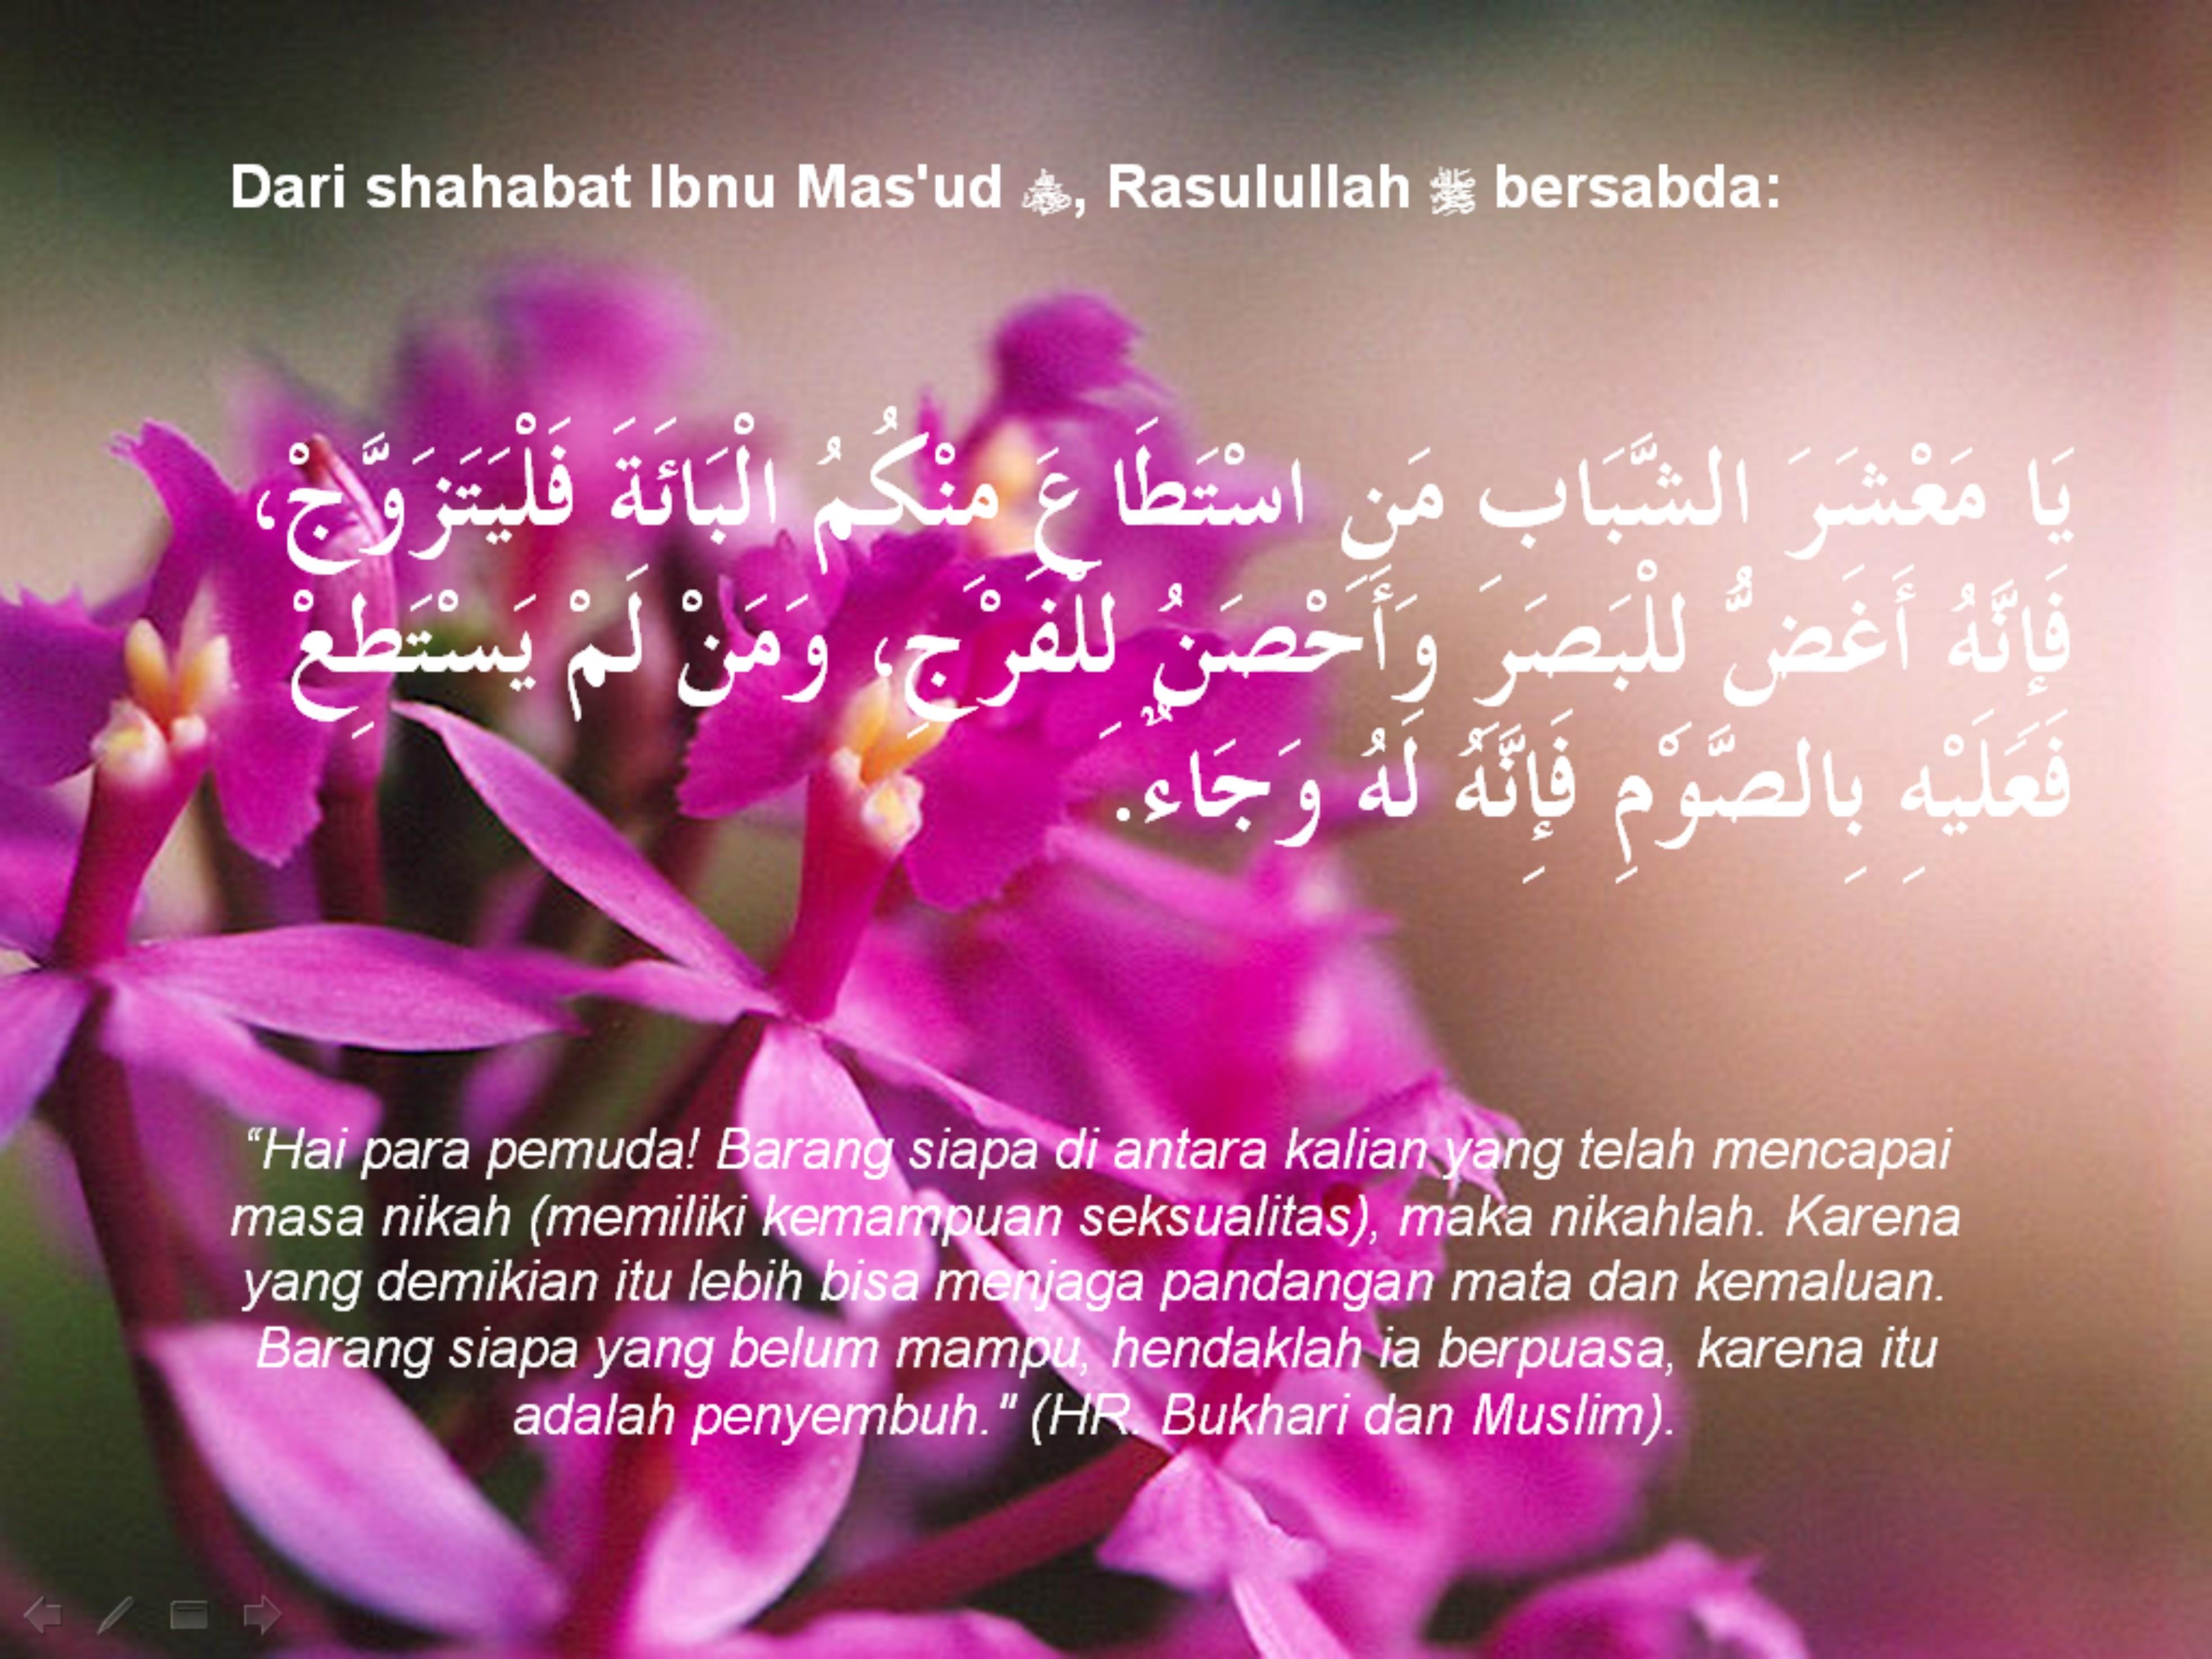 Audio: Ilmu-Ilmu Mengenai Bekal Pernikahan dan Menikah Islami